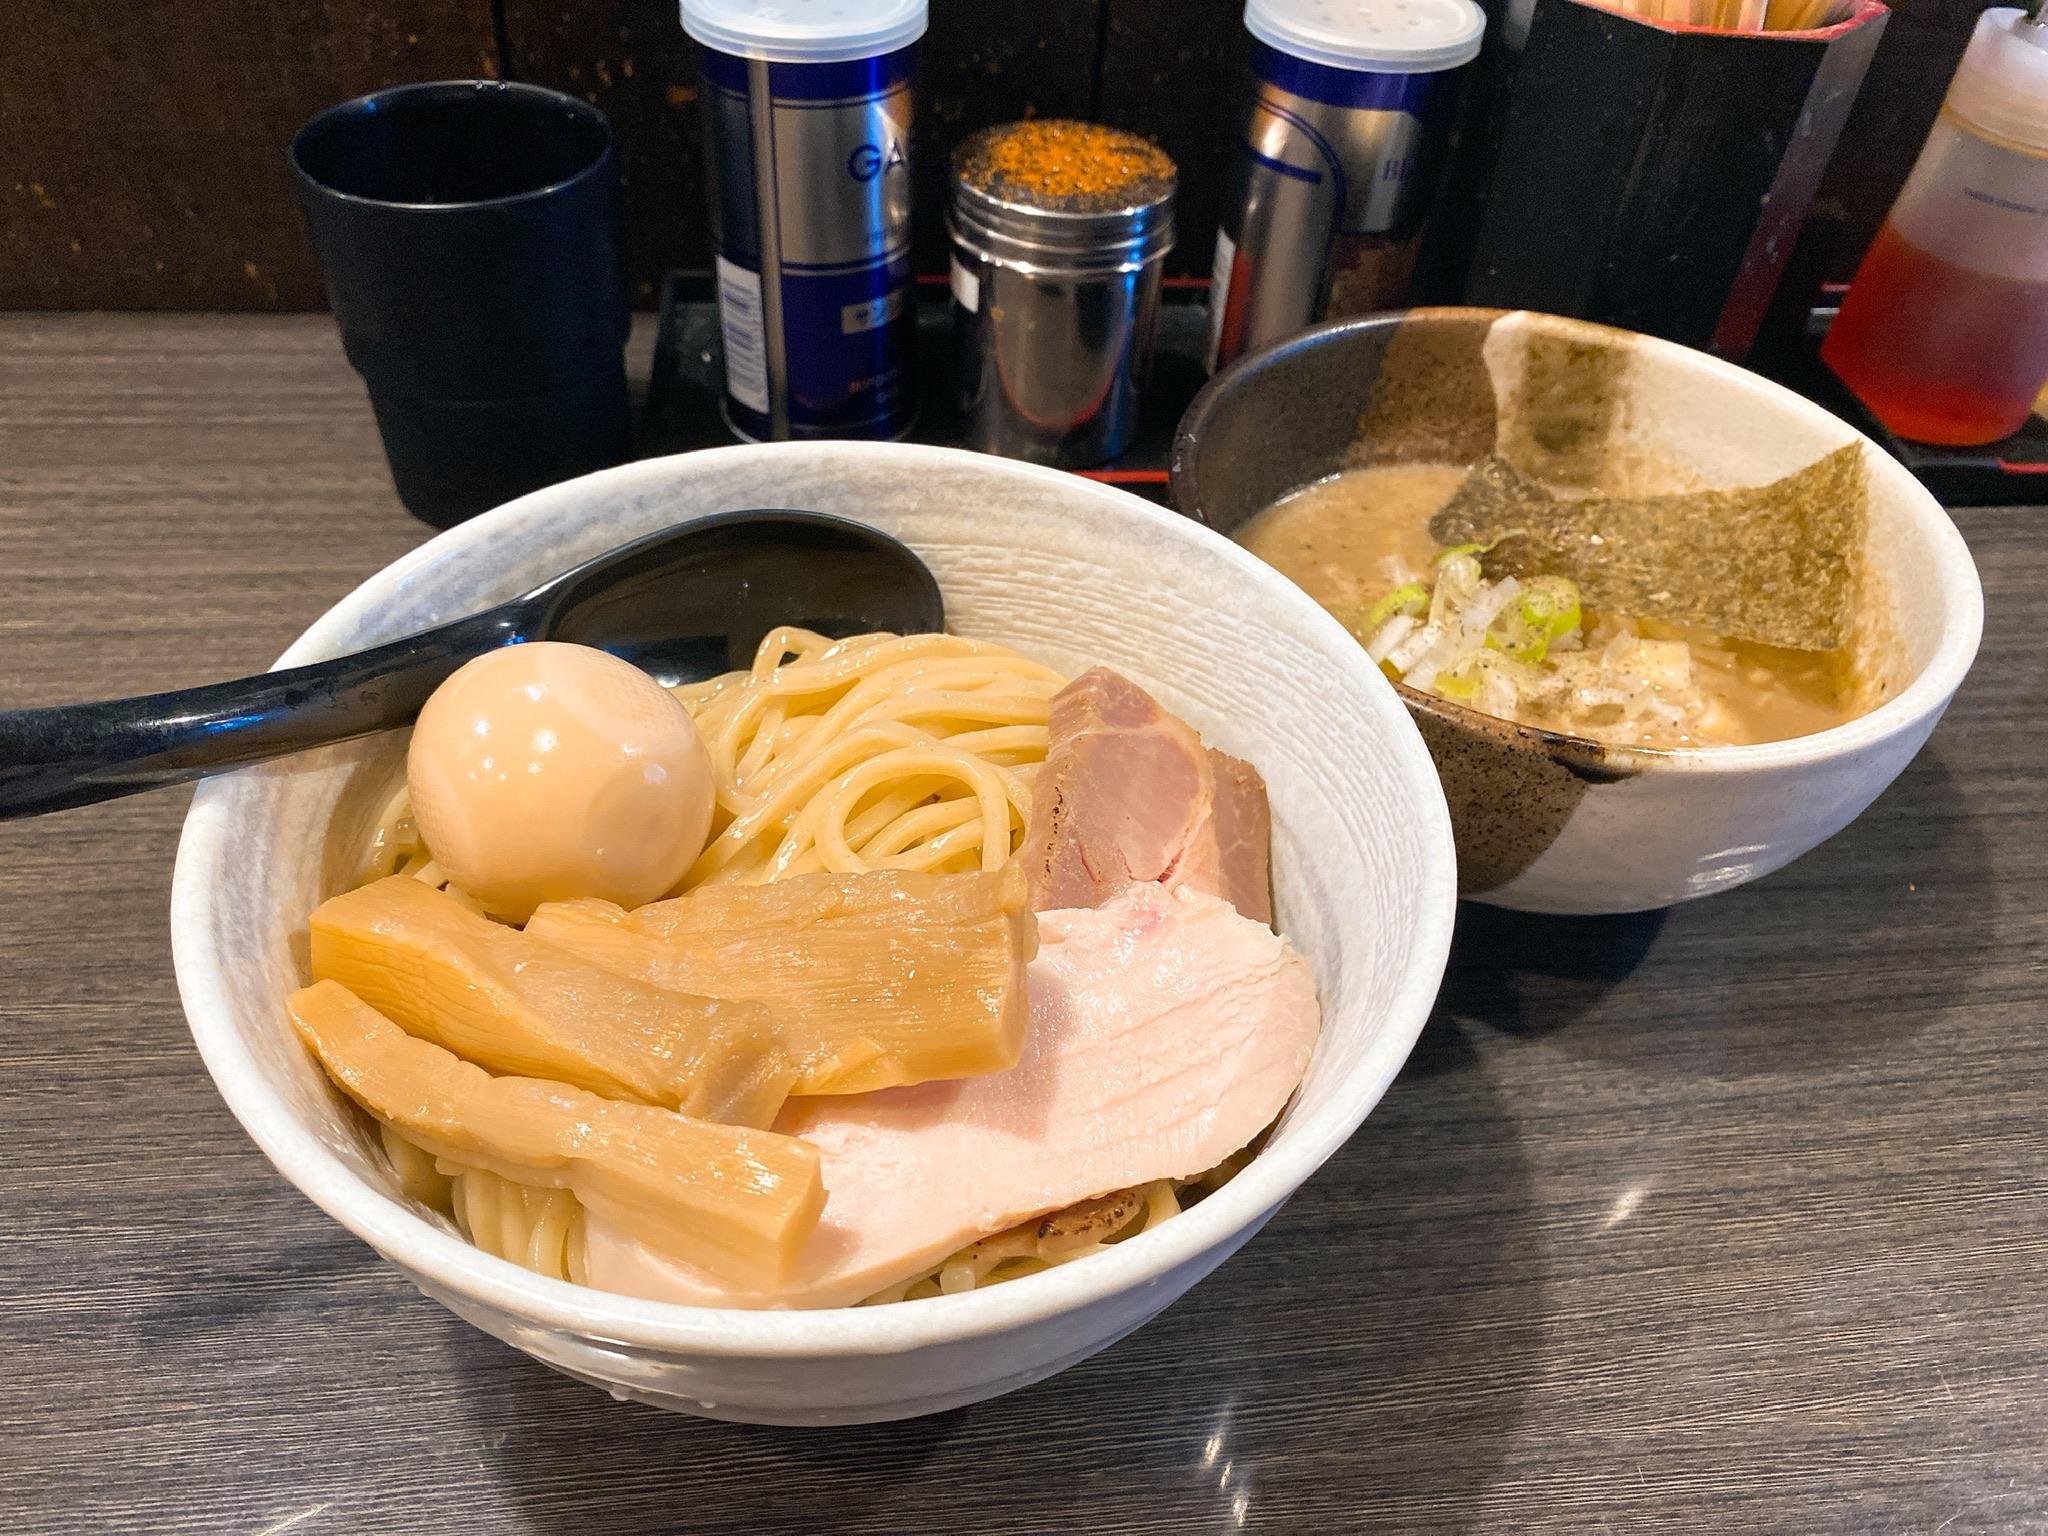 つけ麺陽の鶏と帆立の濃厚塩つけ麺の写真